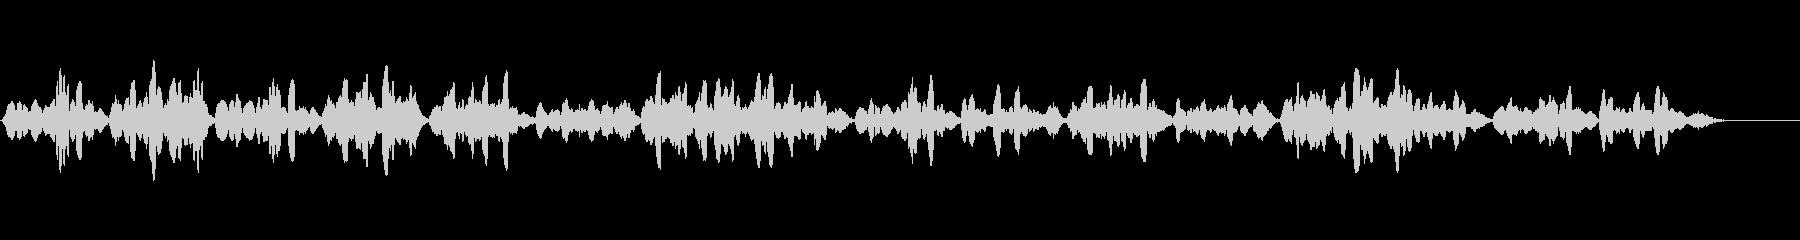 ヴァイオリンによる牧歌的なメロディーソロの未再生の波形